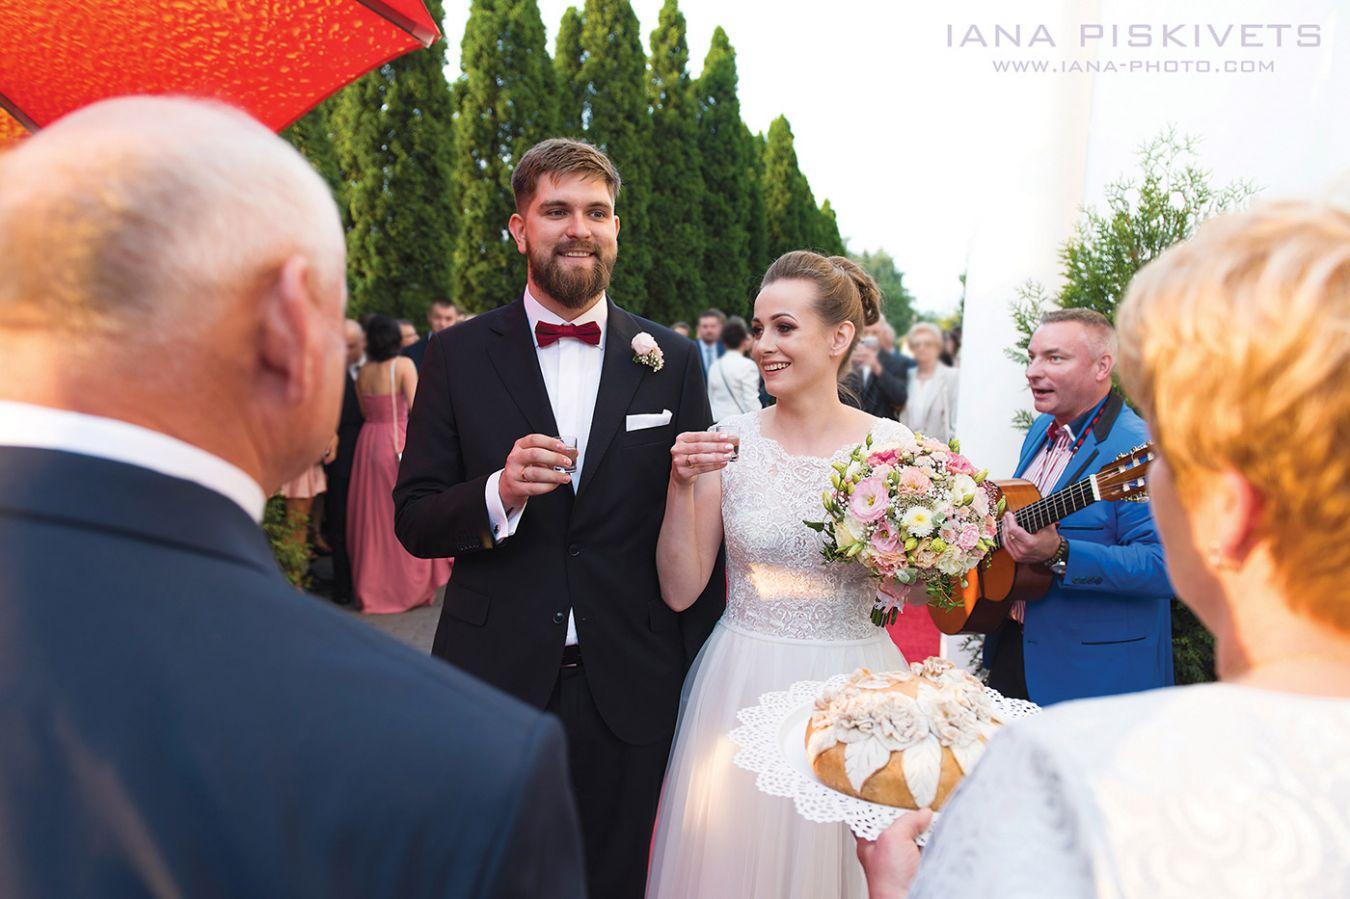 Wedding fun at the Hotel Groman